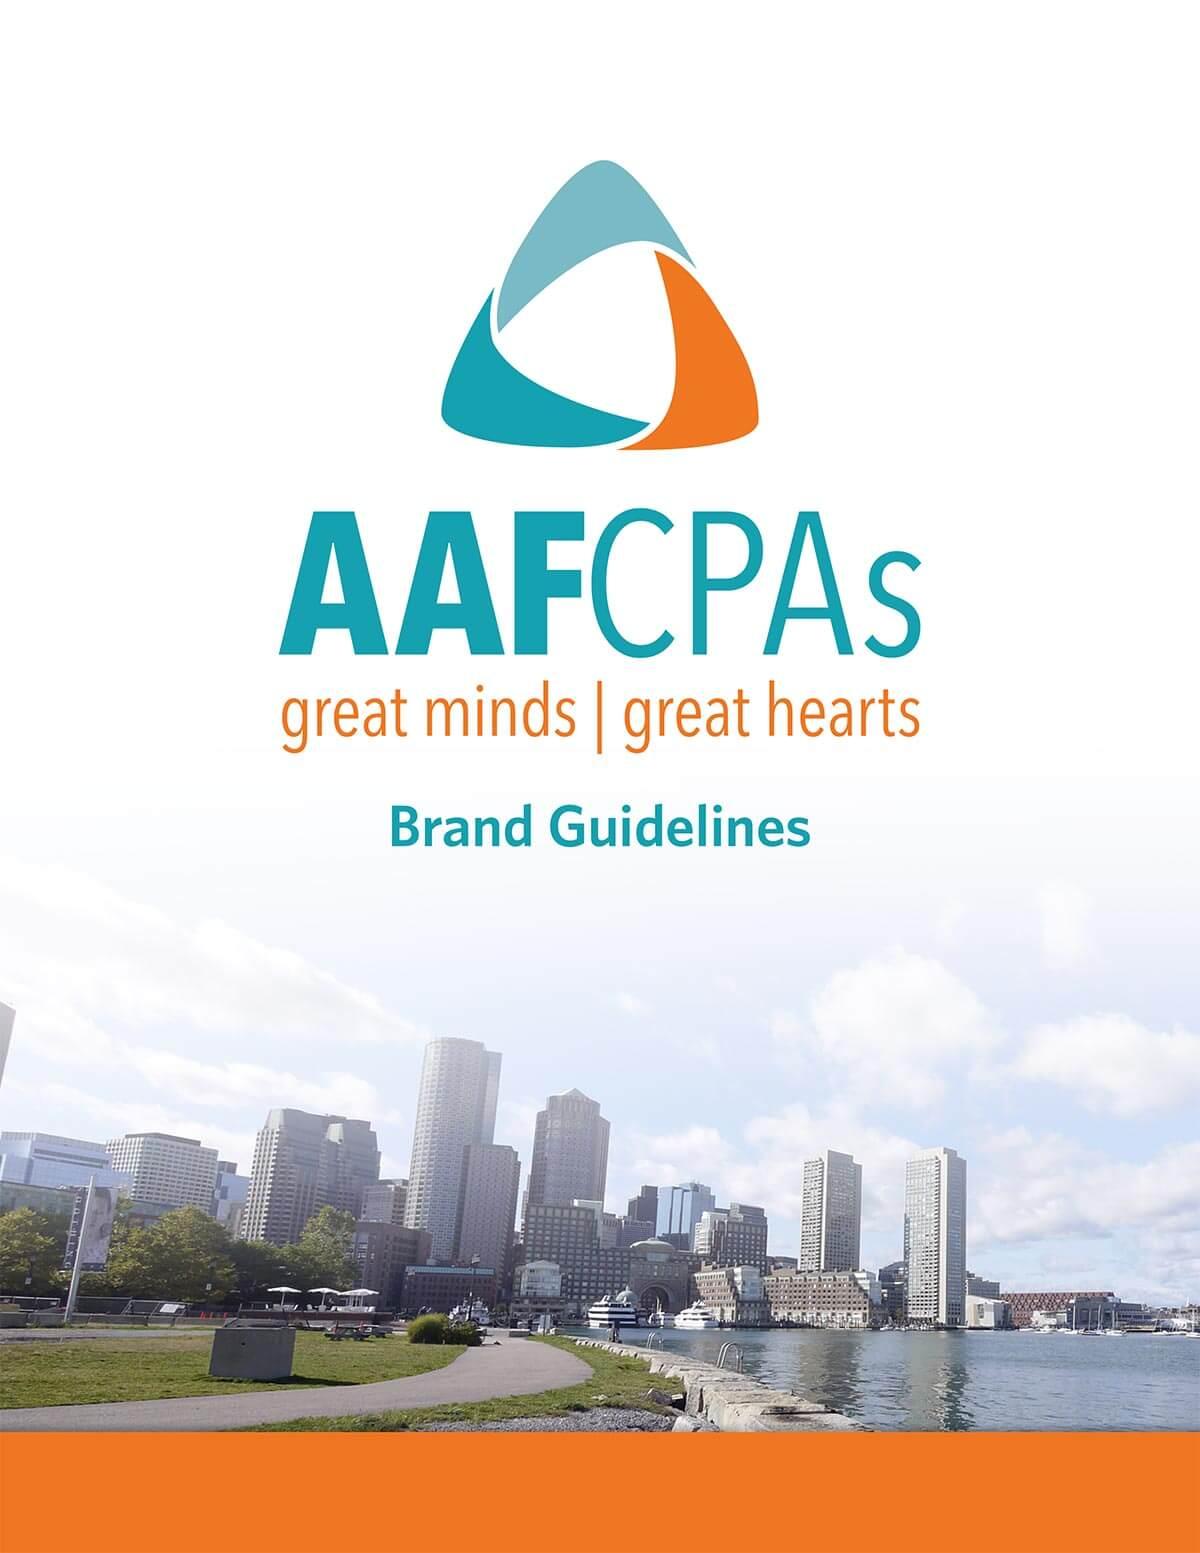 AAFCPAs brand guidelines